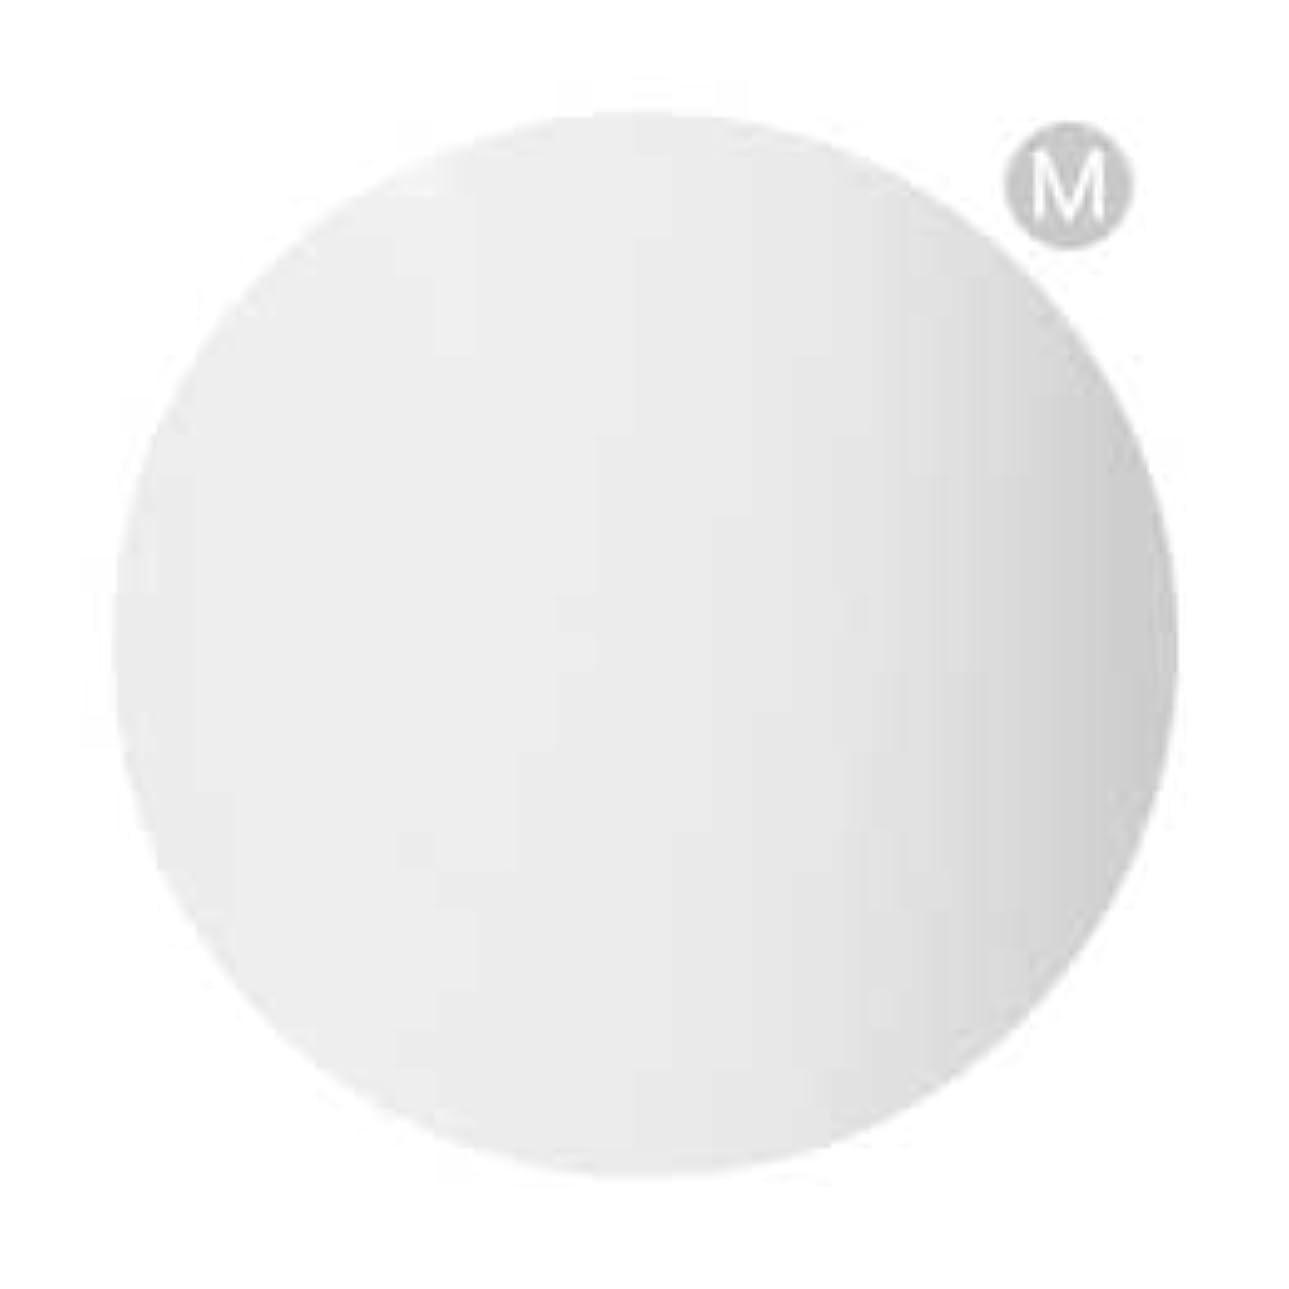 予定予言するハイキングPalms Graceful カラージェル 3g 045 ミルキーホワイト